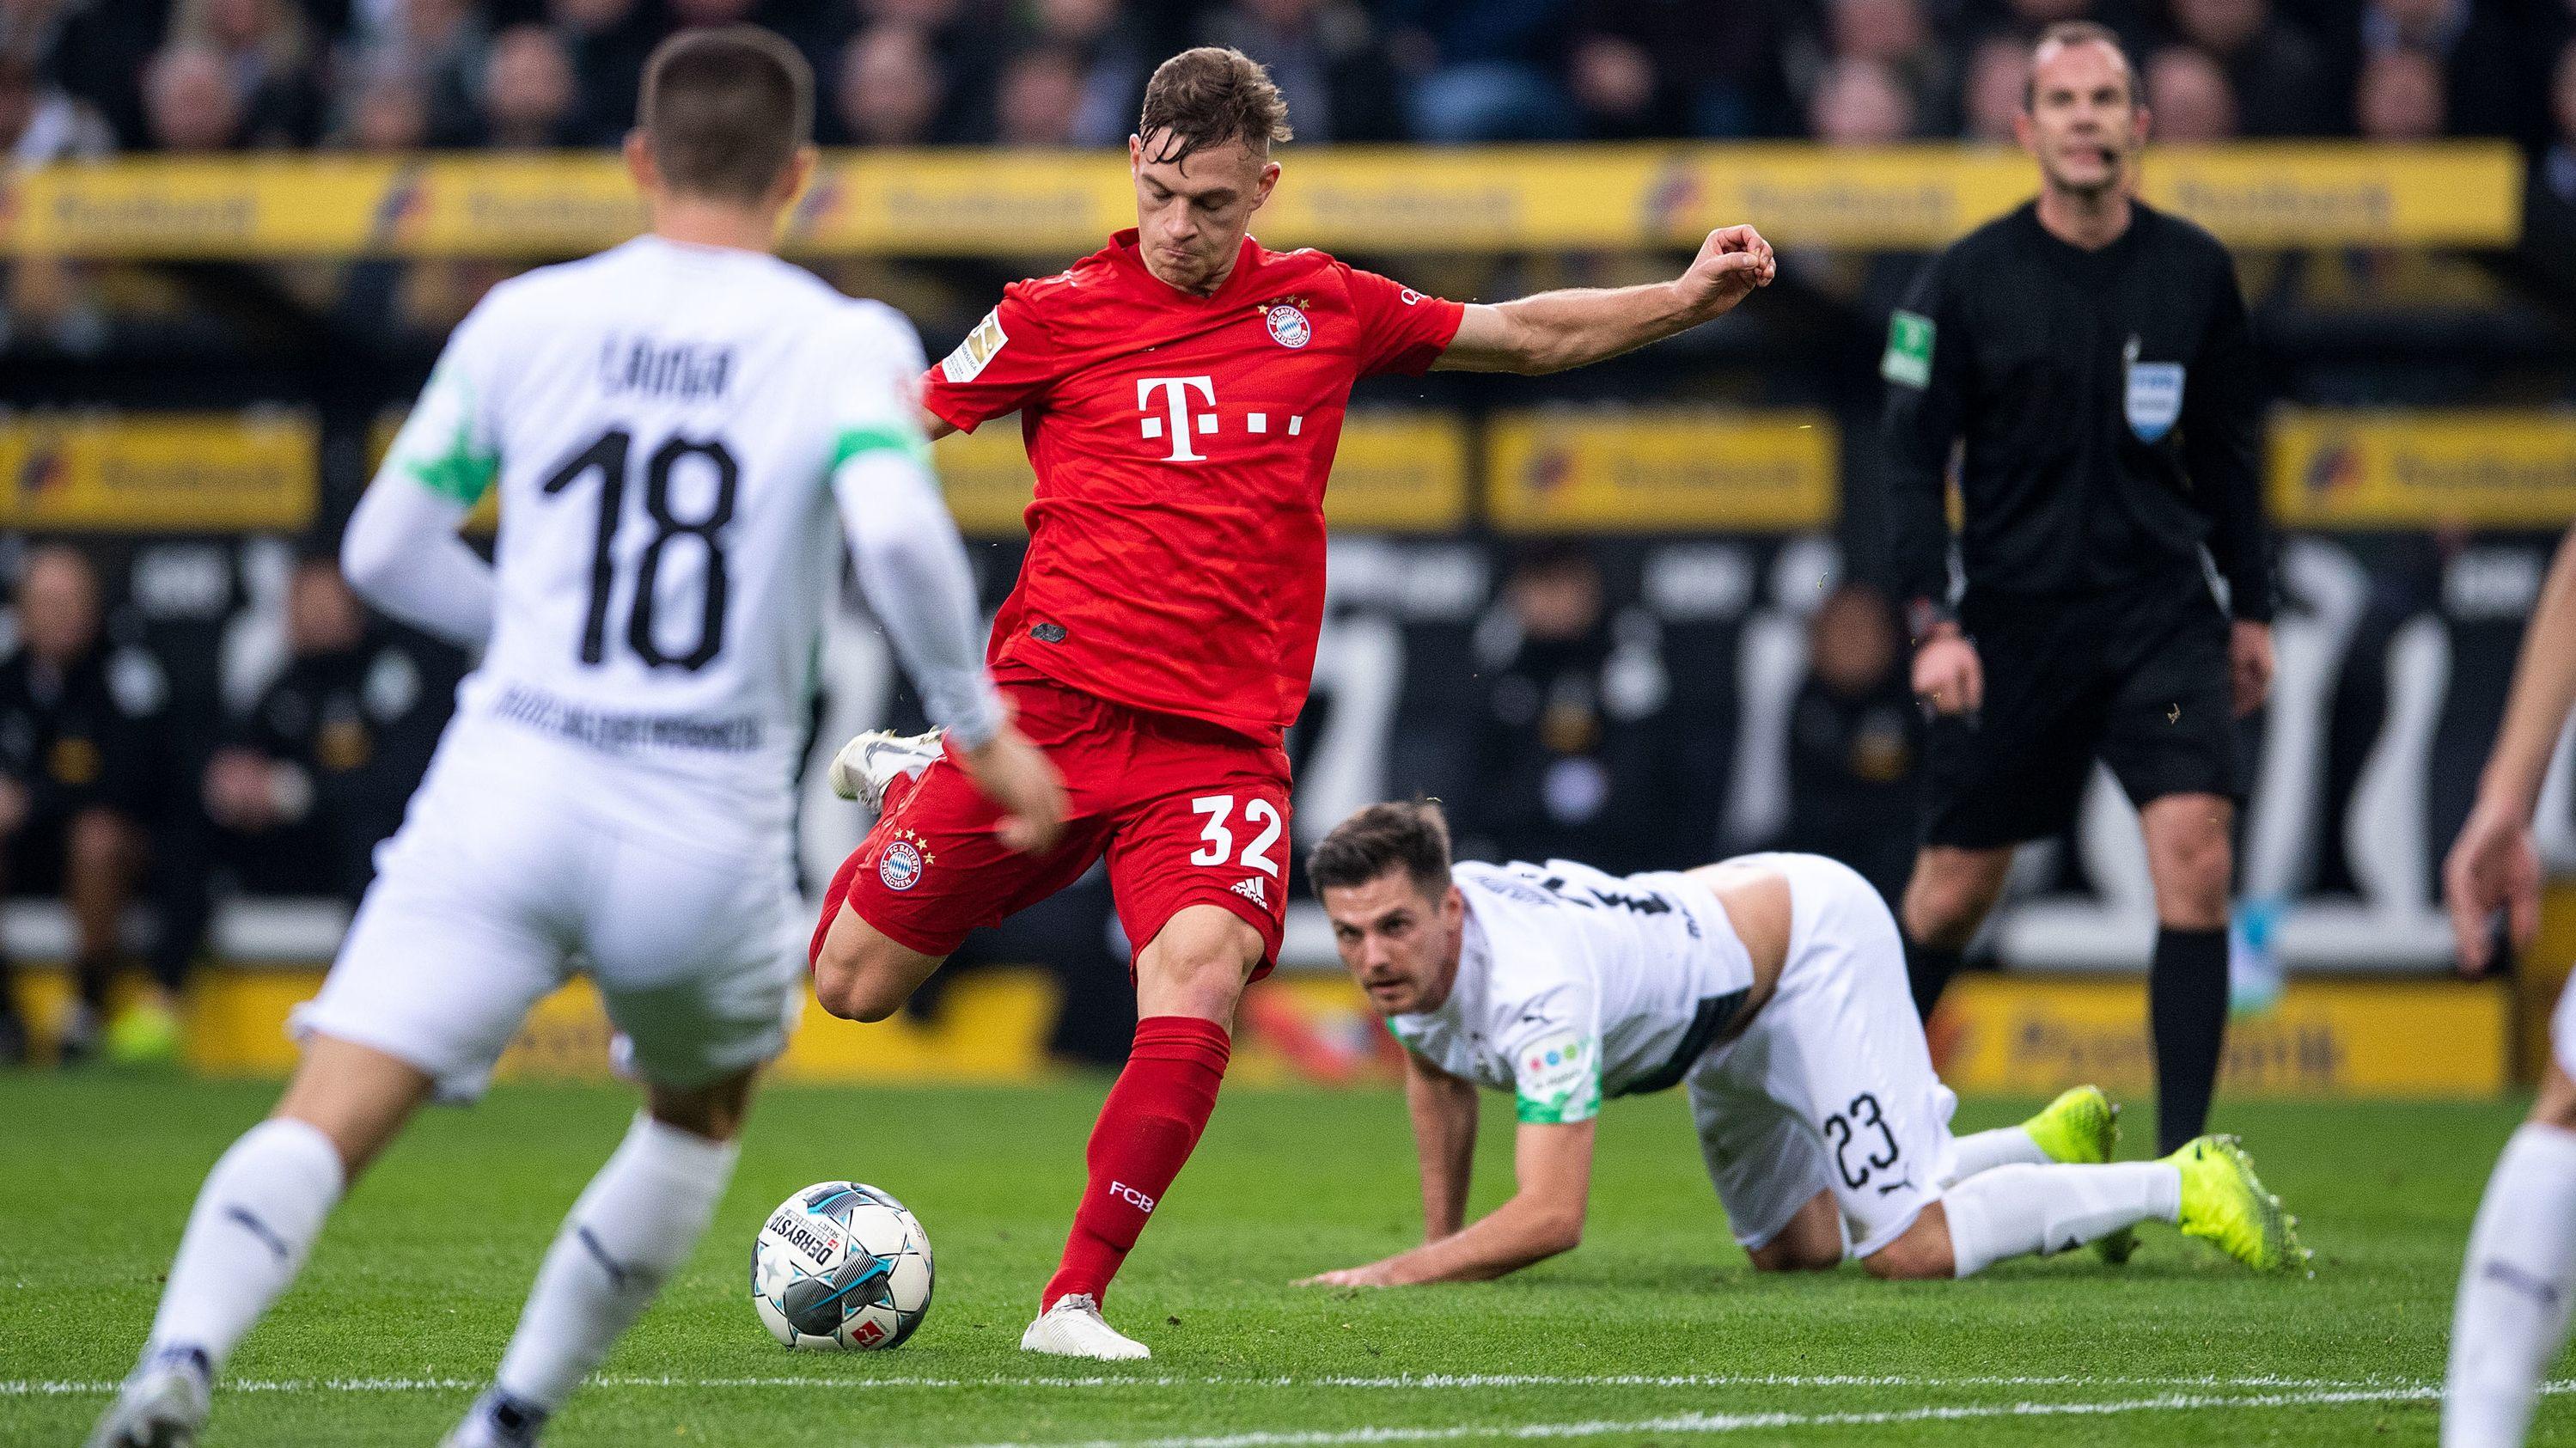 Szene aus dem Spiel Mönchengladbach gegen den FC Bayern München